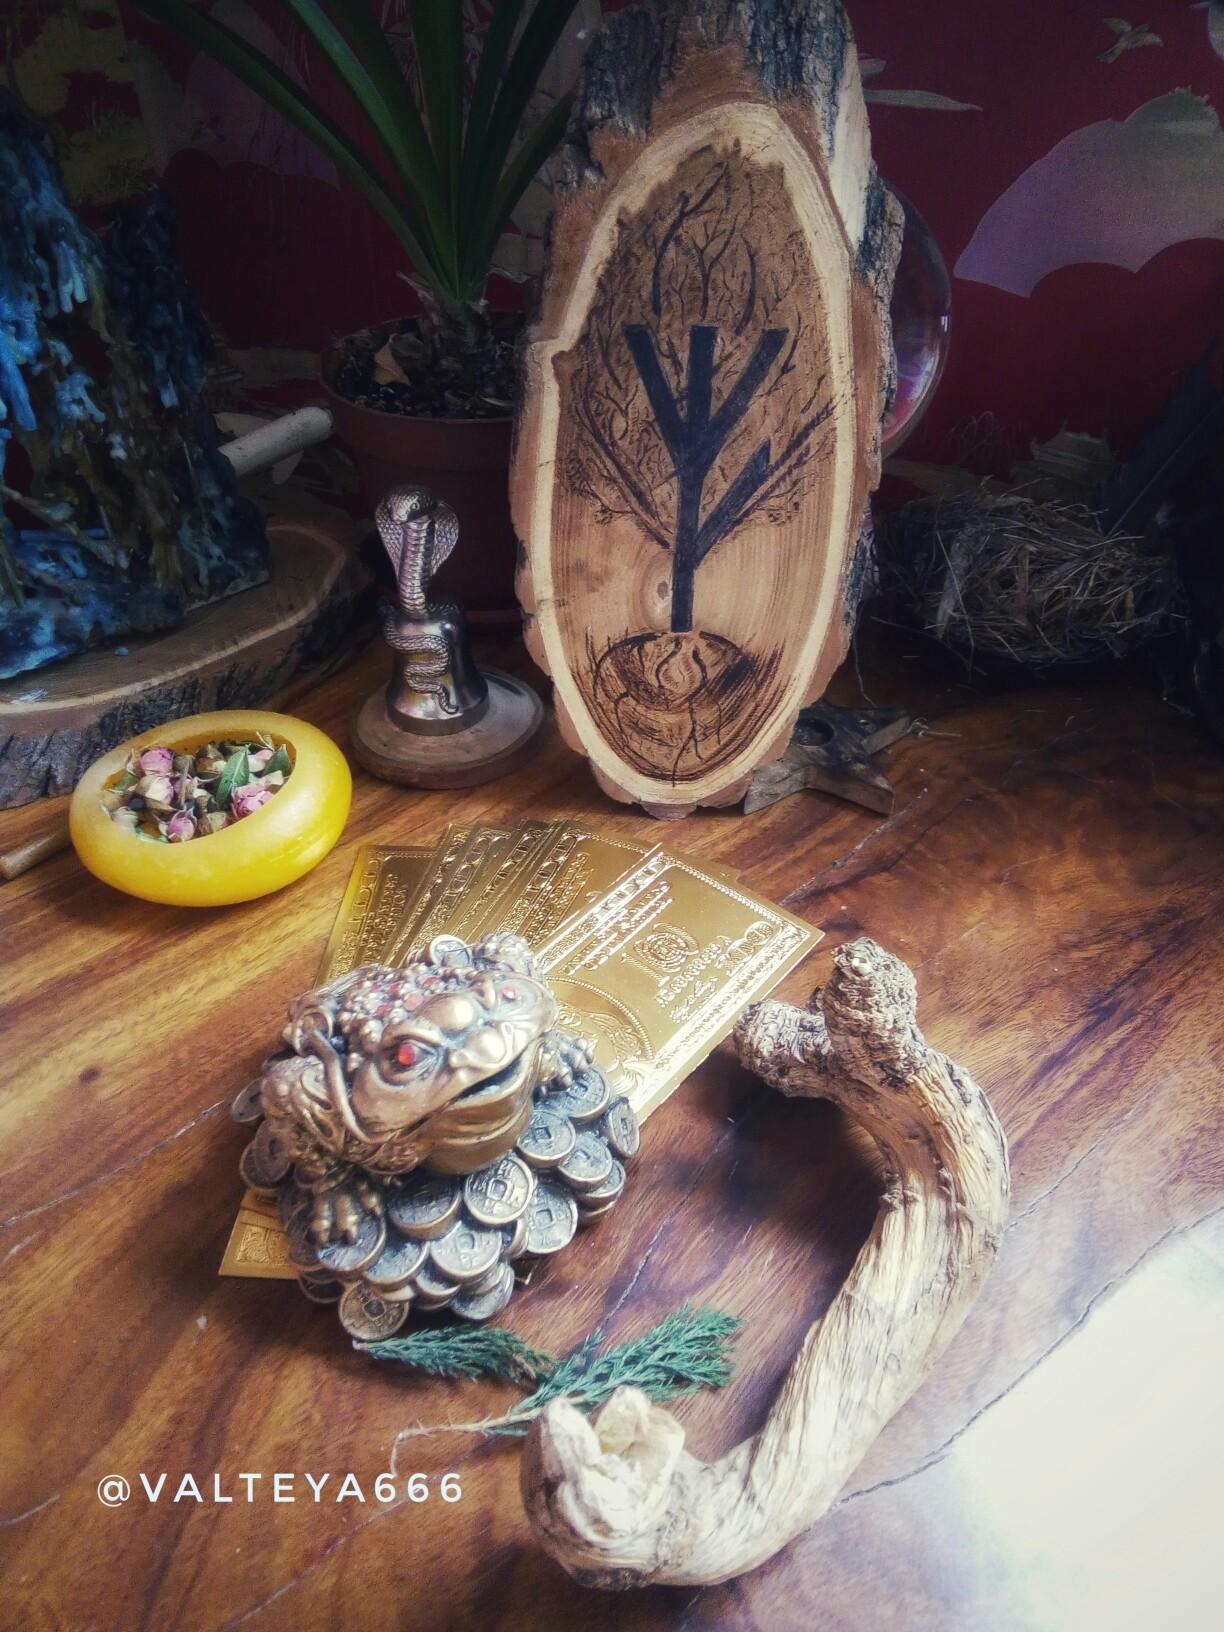 """никосия - """"ДЕНЕЖНОЕ КОЛЕСО""""  в Салоне магии и мистики Елены Руденко - Страница 5 Vd2L8bLg6gw"""